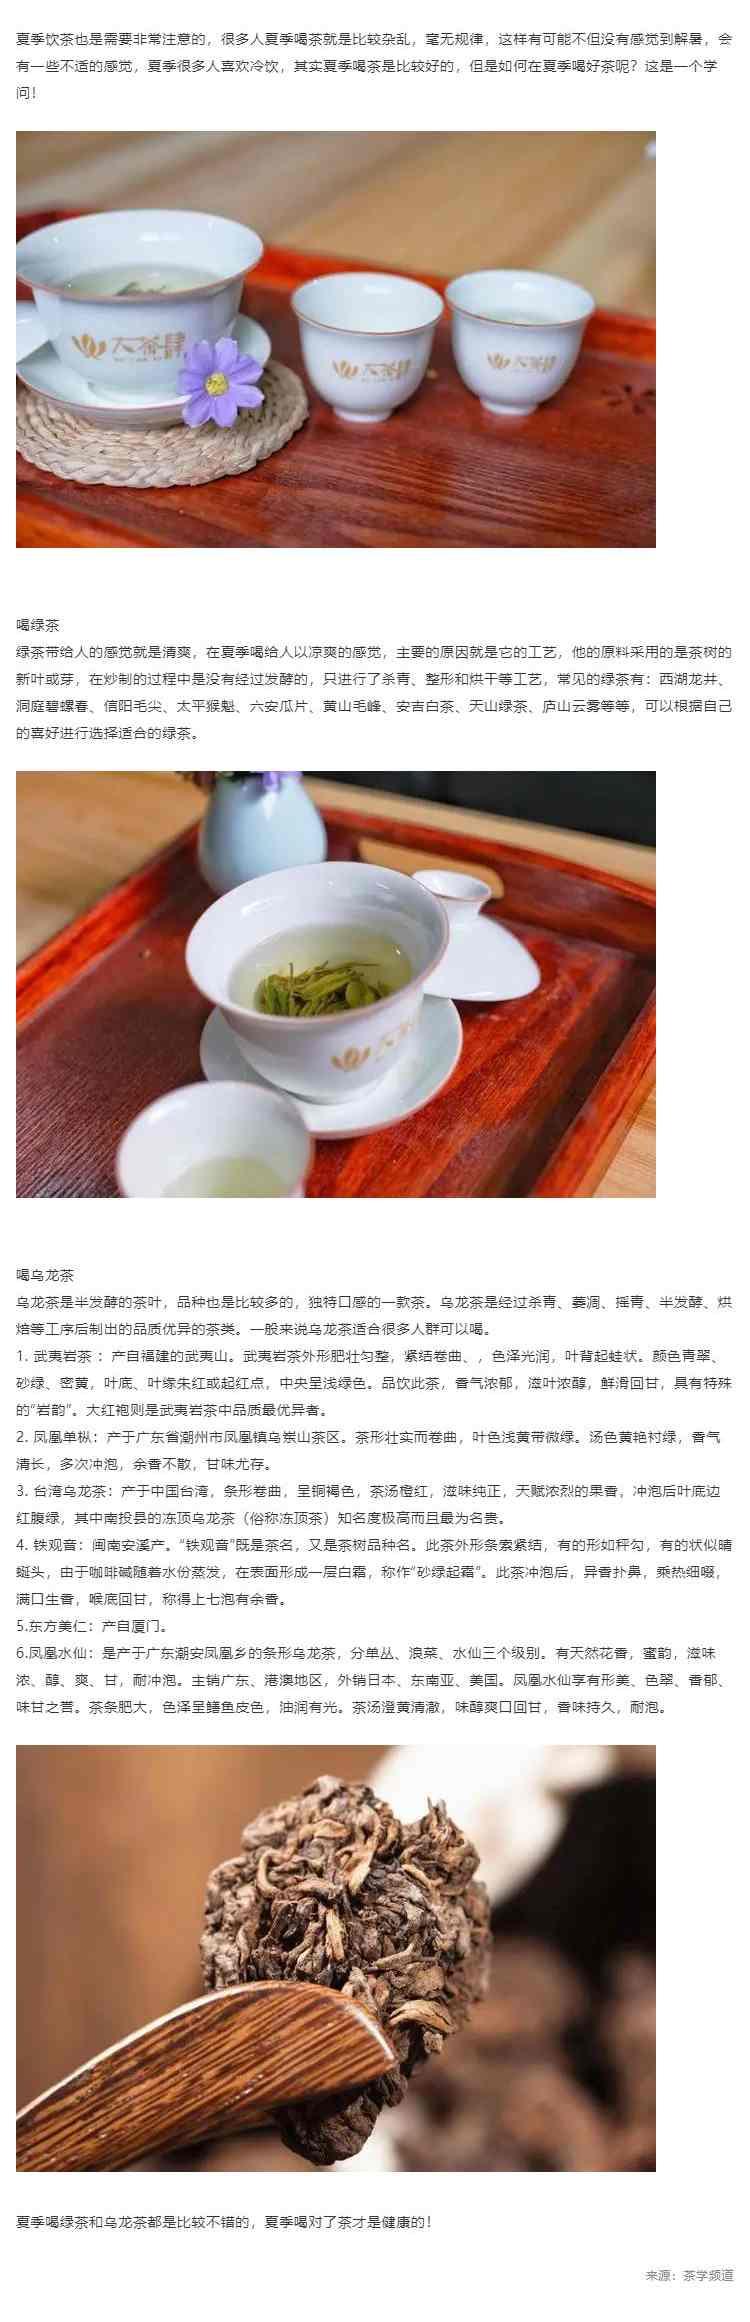 夏季喝茶不能乱喝,这几种茶比较适合夏季饮用